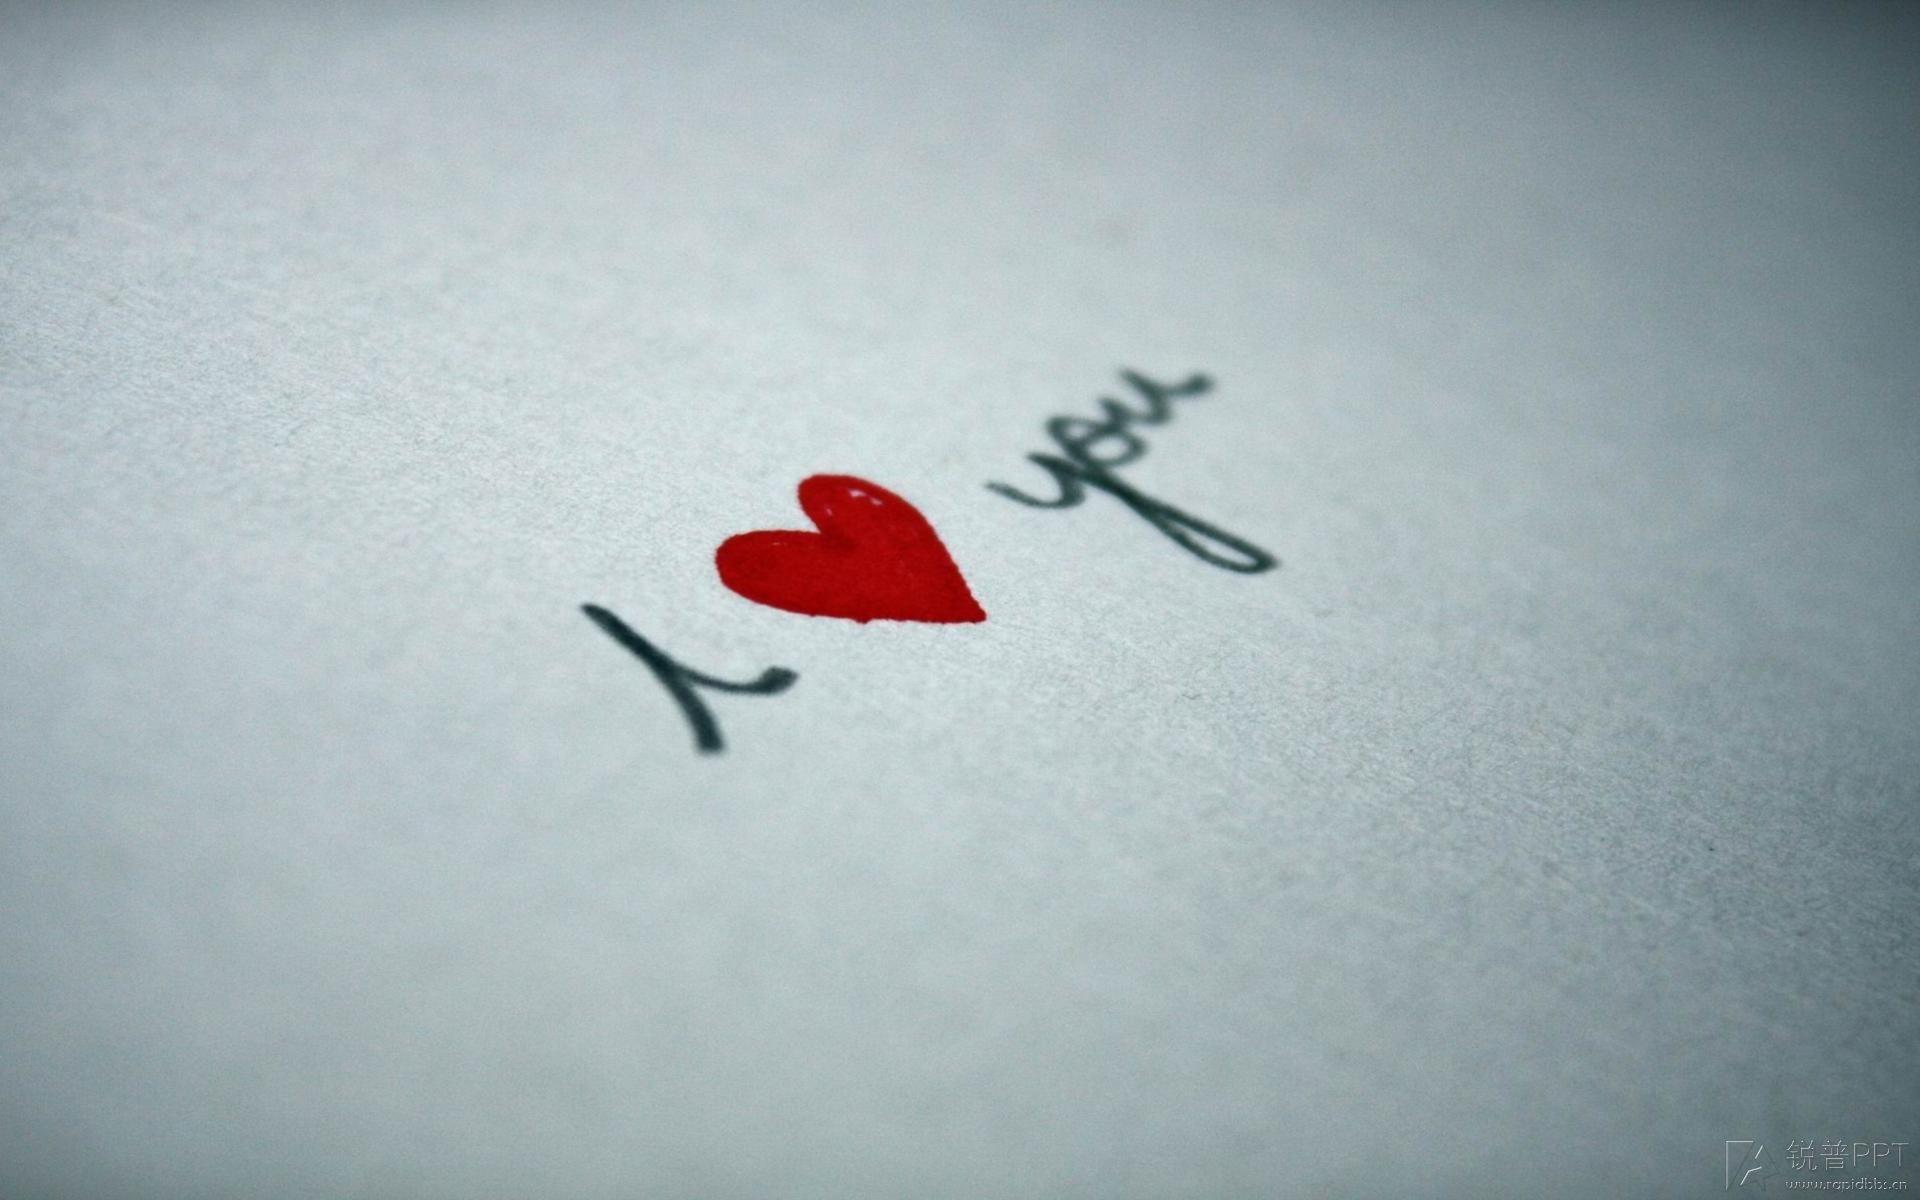 近期收集的高清图片 七 情人节之爱的诠释 图片素材 Powered by Discuz